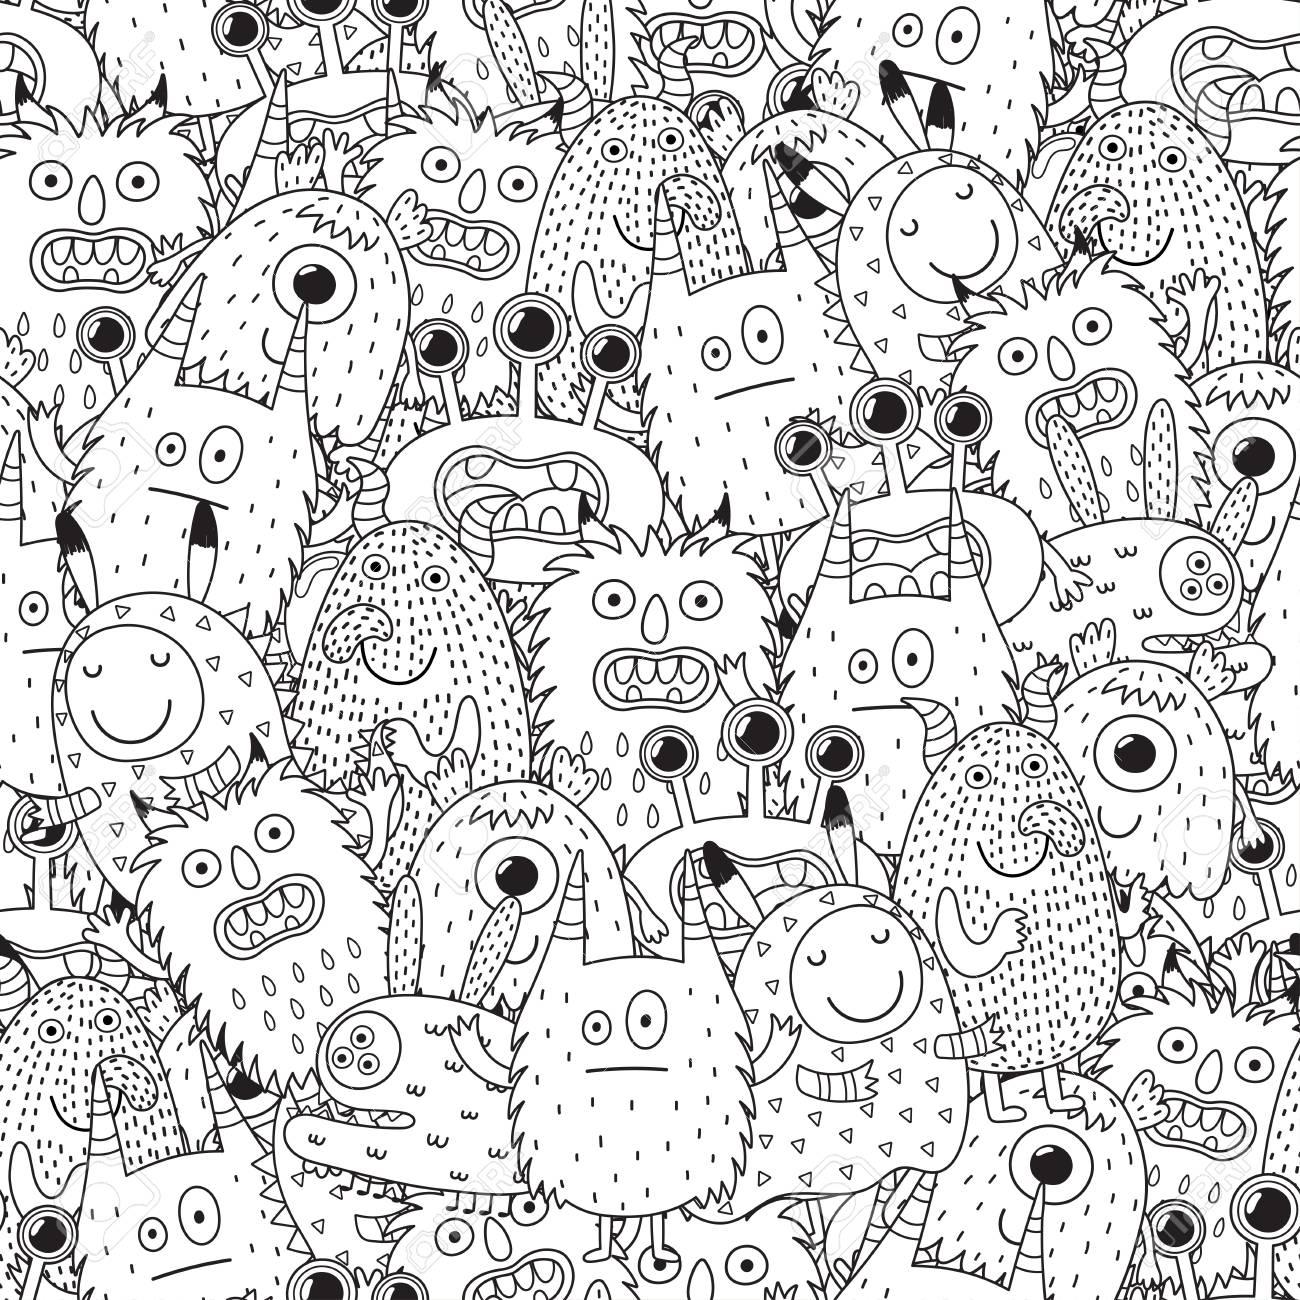 Patrón Transparente De Monstruos Divertidos Para Colorear Fondo Blanco Y Negro Ilustración Vectorial